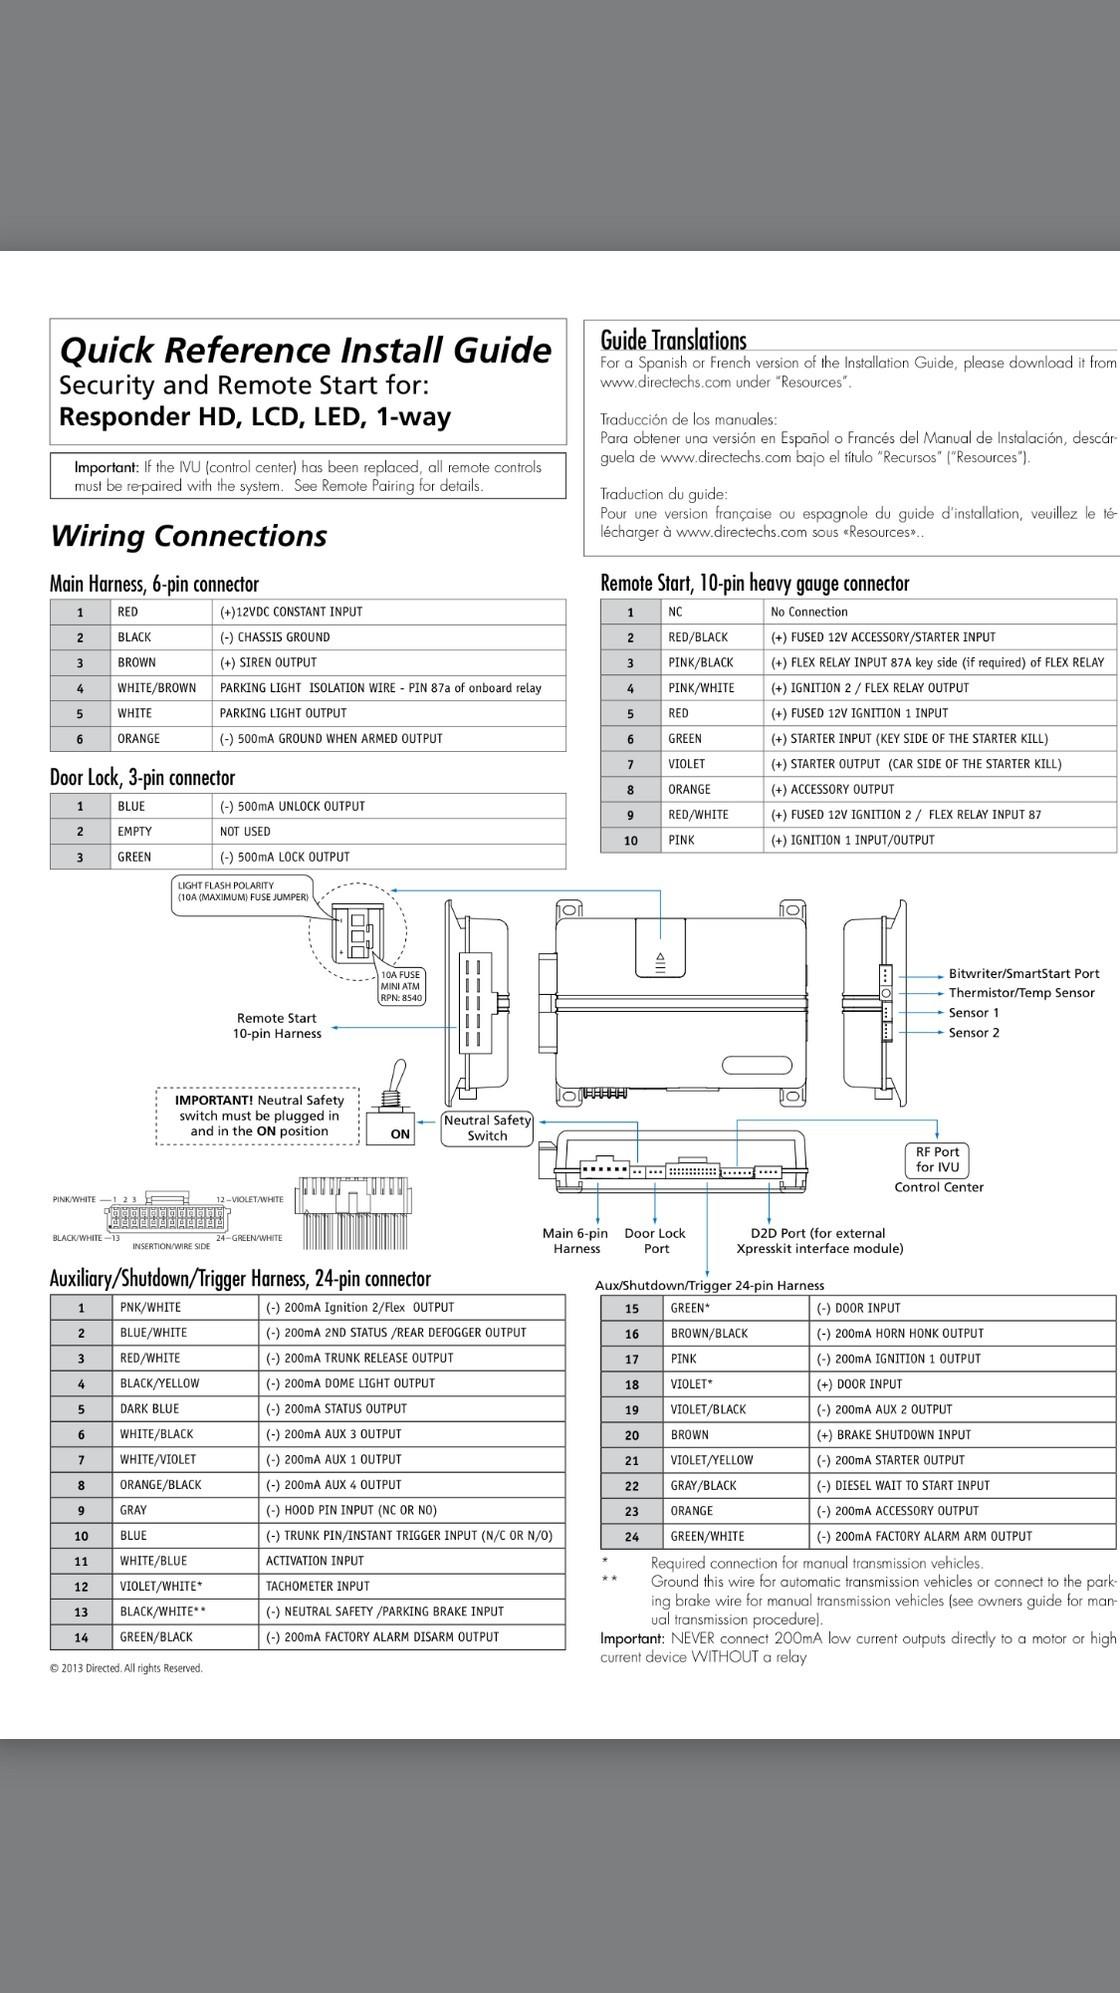 Viper 5706v Installation Manual Pdf Viper 5706v Installation Guide Diagram Of Viper 5706v Installation Manual Pdf